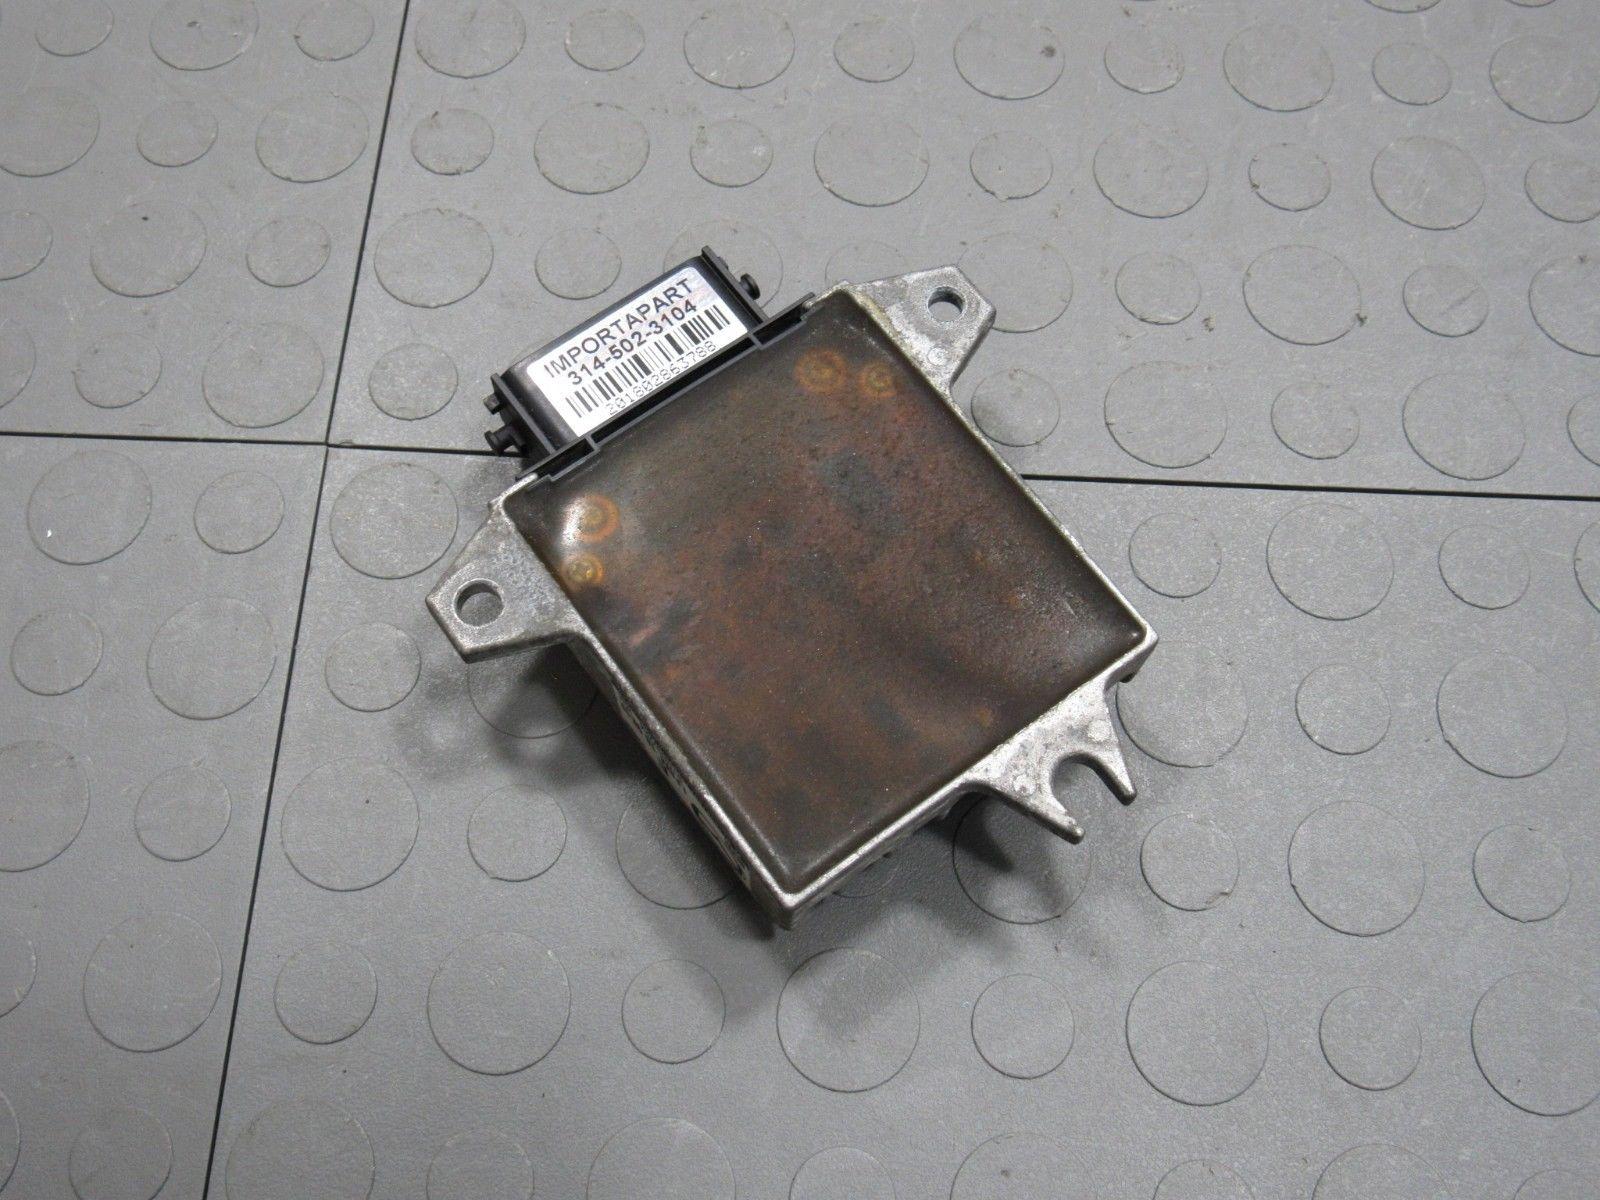 10-11 Mazda 3 2.0L AT TCU TCM Transmission Control Module Unit LF8M 18 9E1F AC